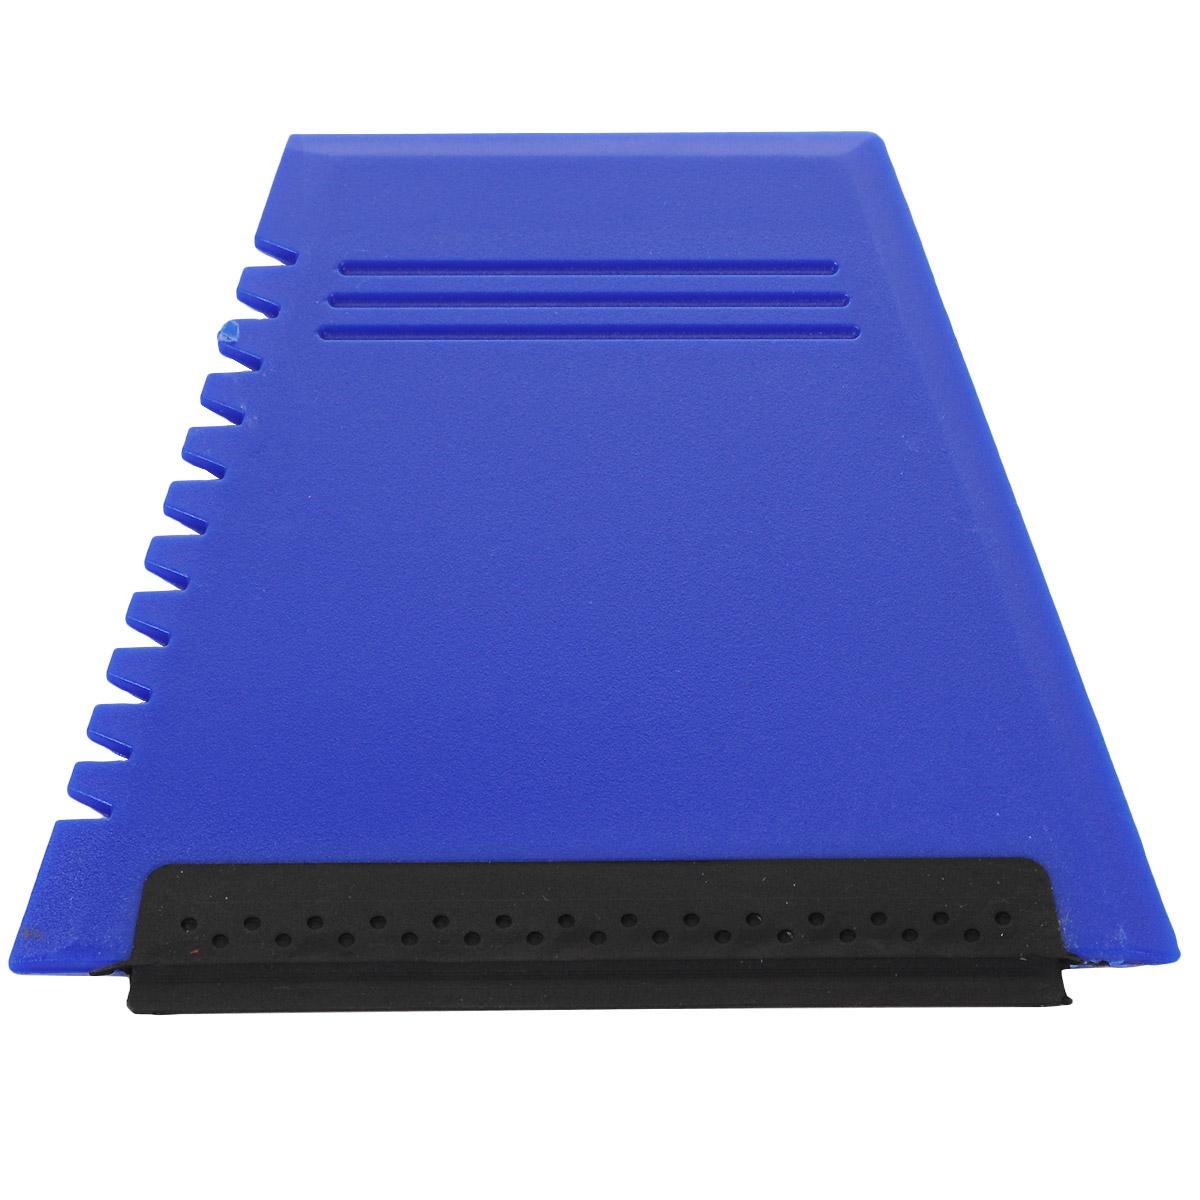 Скребок для уборки снега и льда Clingo, с водосгоном, цвет: синий, 12 x 11 см